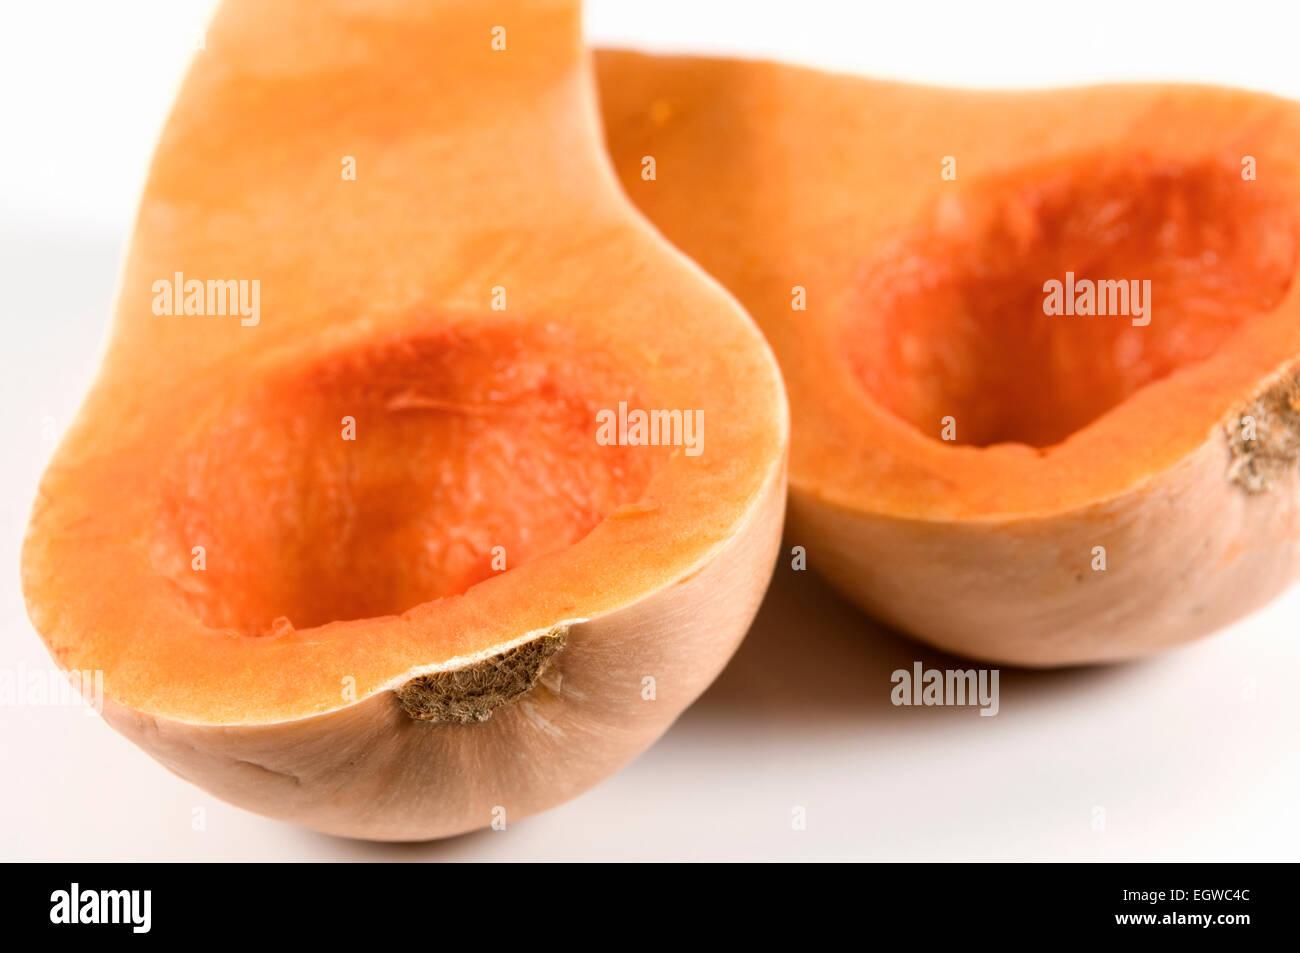 La zucca tagliata a metà e sgranata su sfondo bianco Immagini Stock